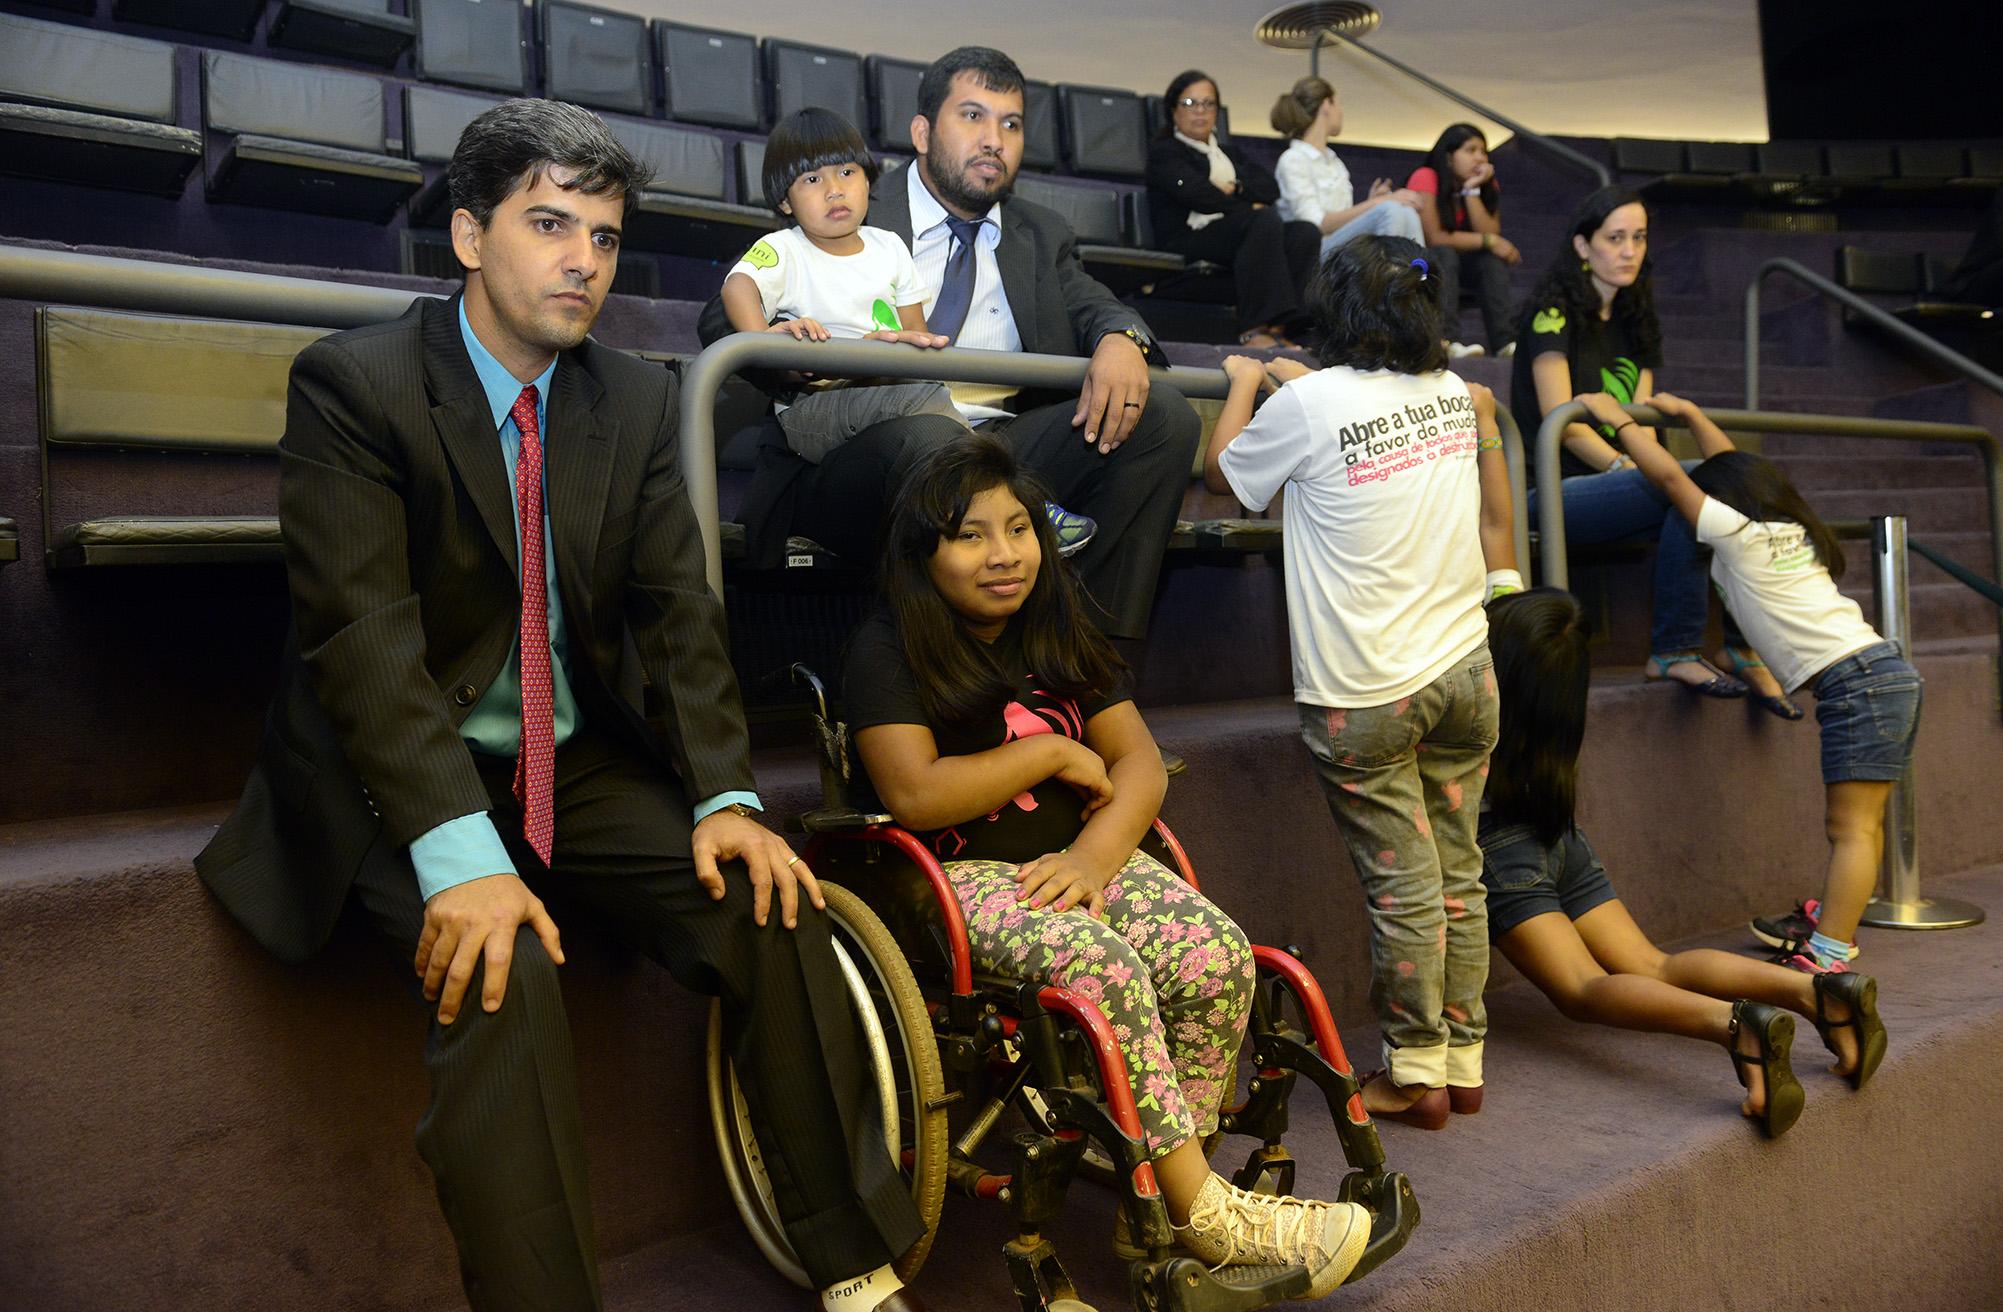 Ordem do dia para discussão do Projeto de Lei 1057/07, que trata de medidas para combater práticas tradicionais nocivas, como o infanticídio, e garante proteção dos direitos fundamentais de crianças indígenas